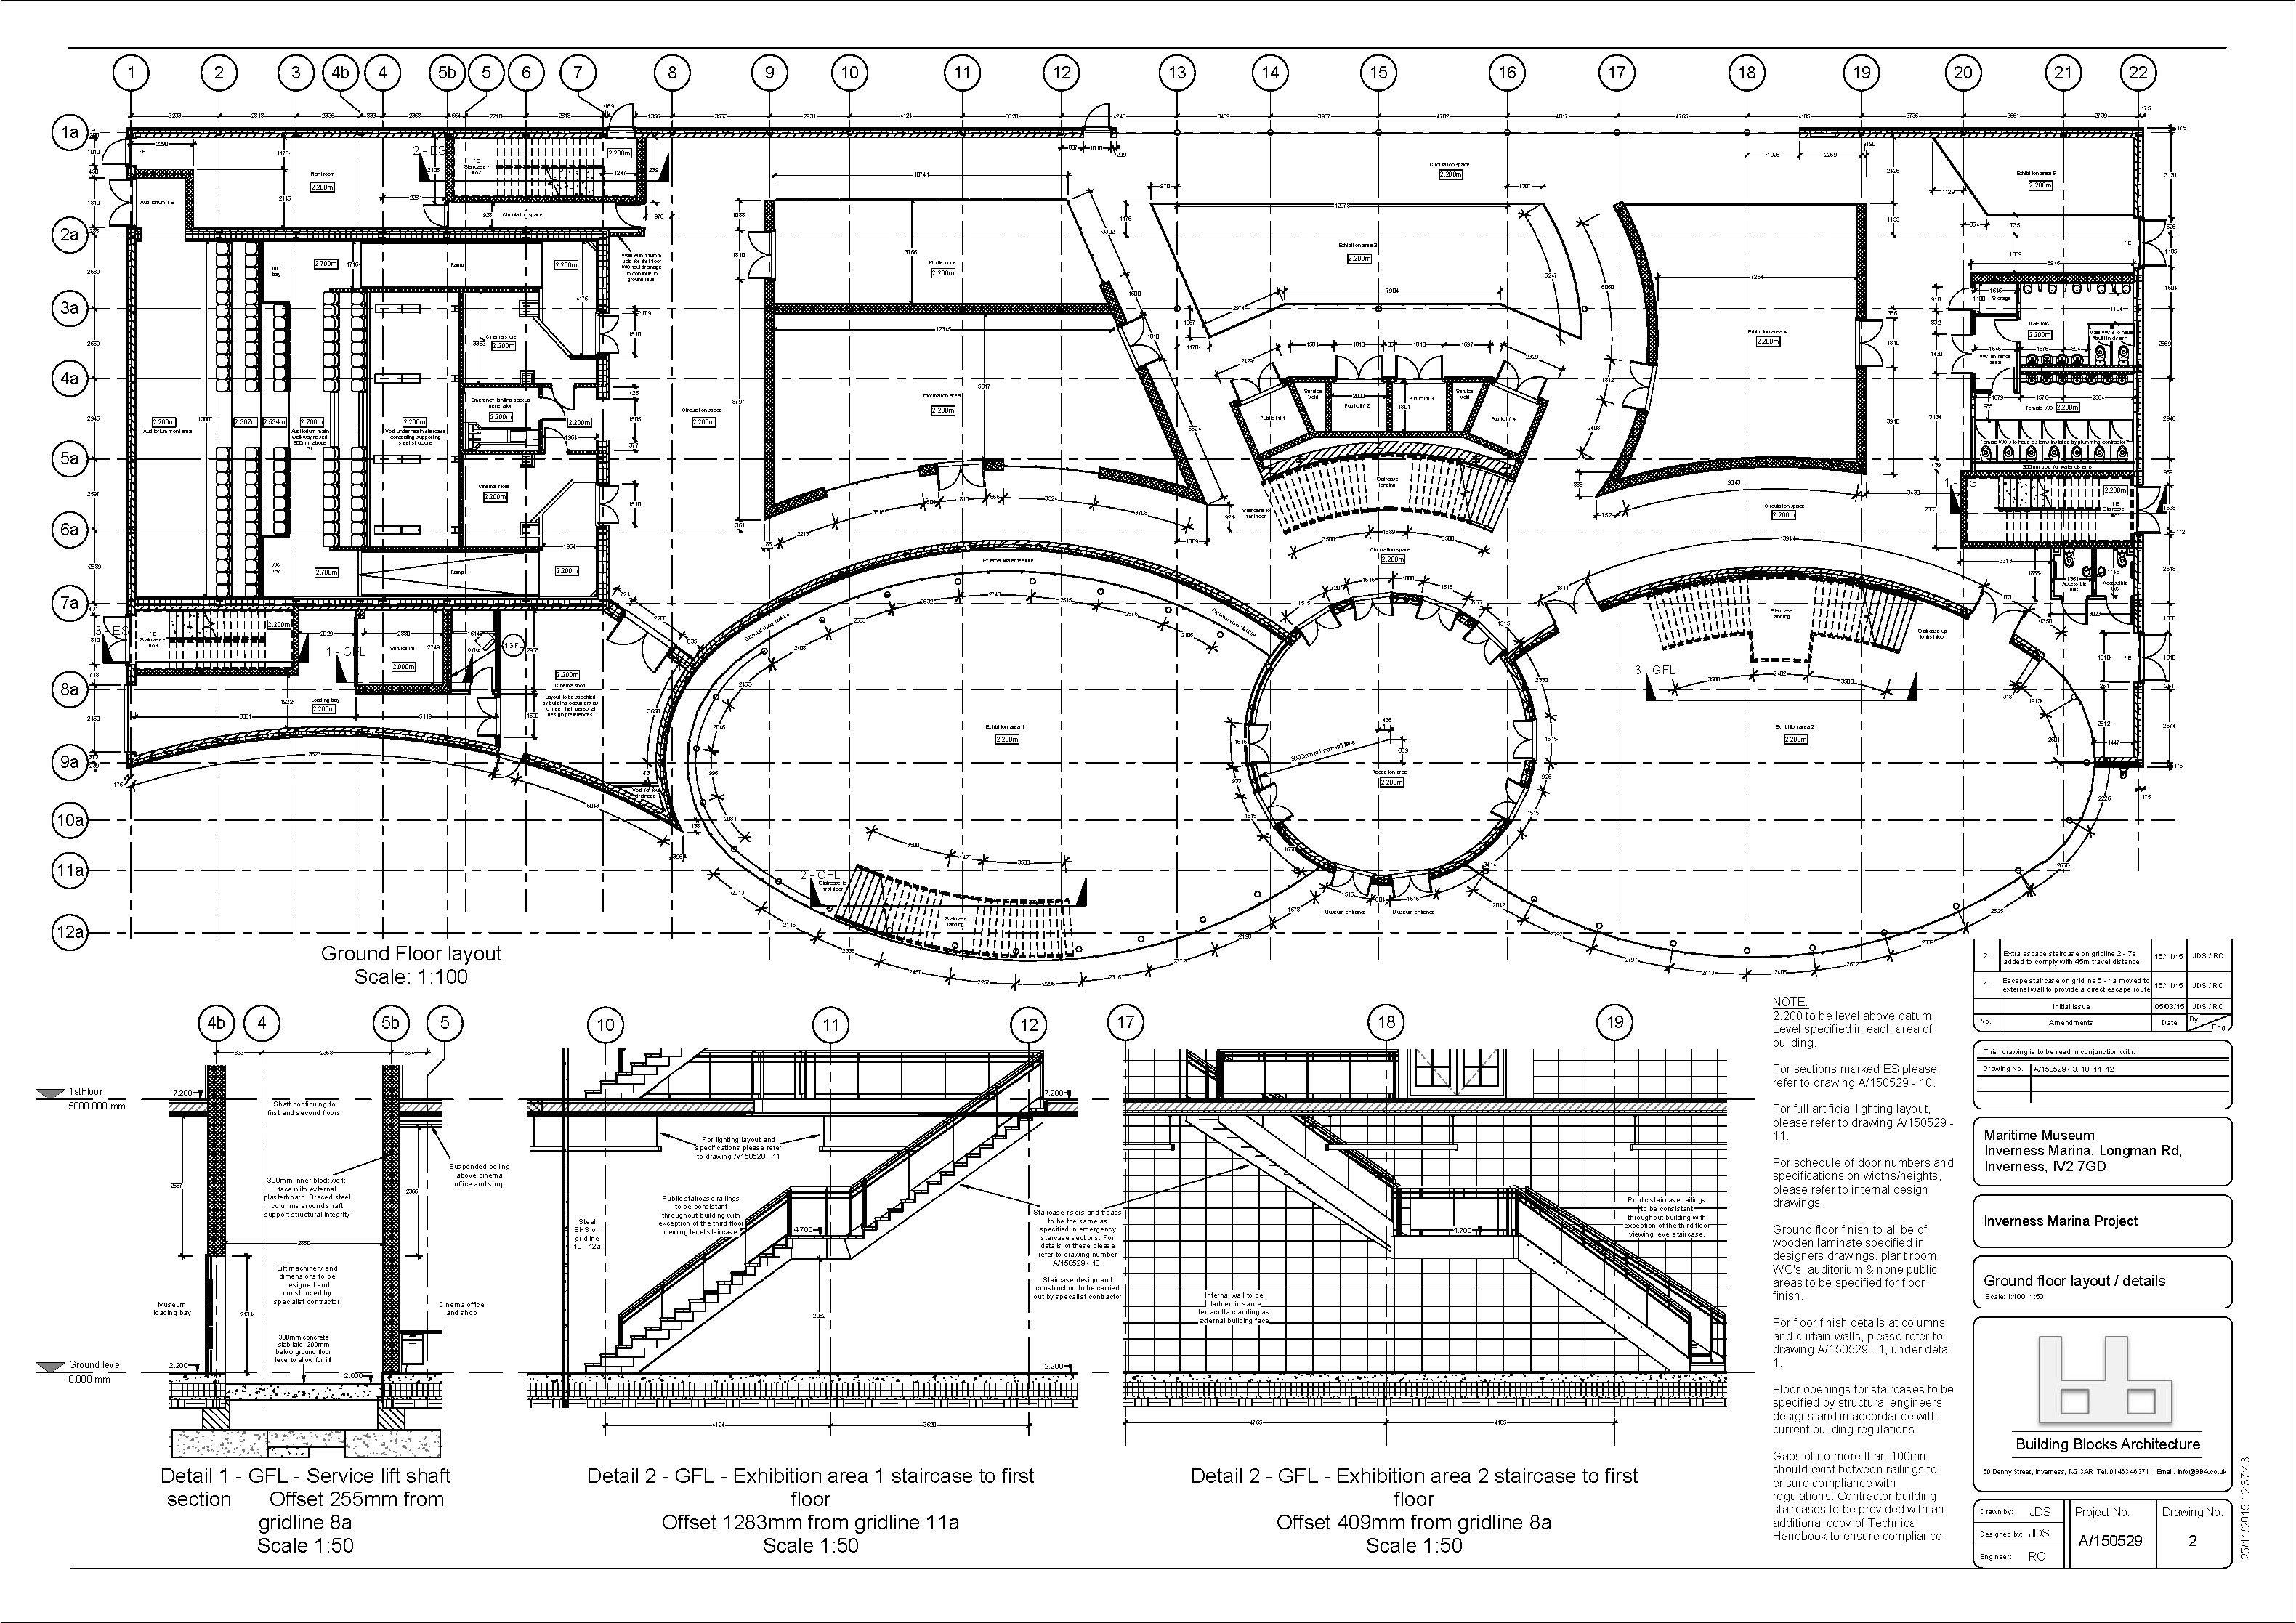 2---ground-floor-layout---details-3500-3500